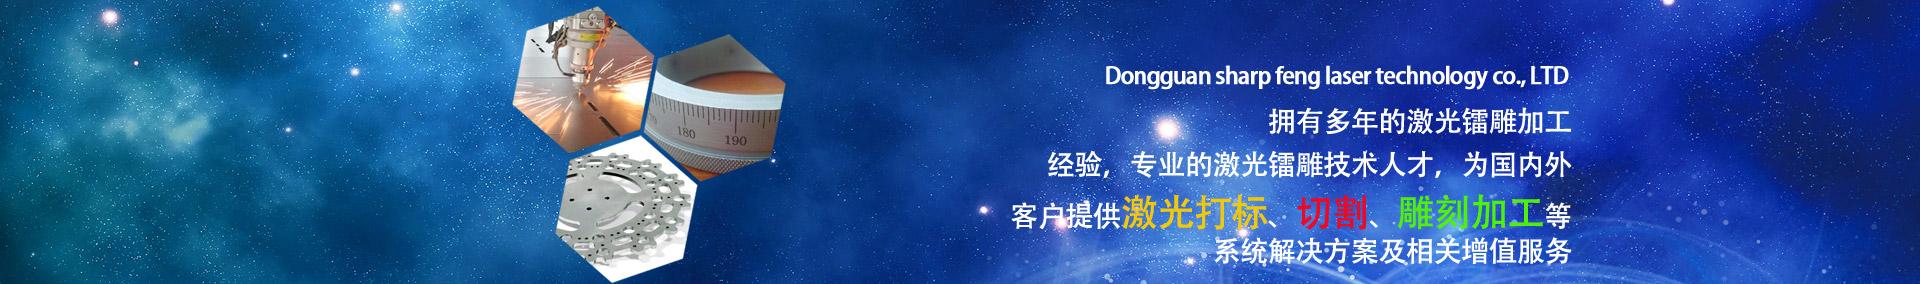 葡京娱乐场手机版11221